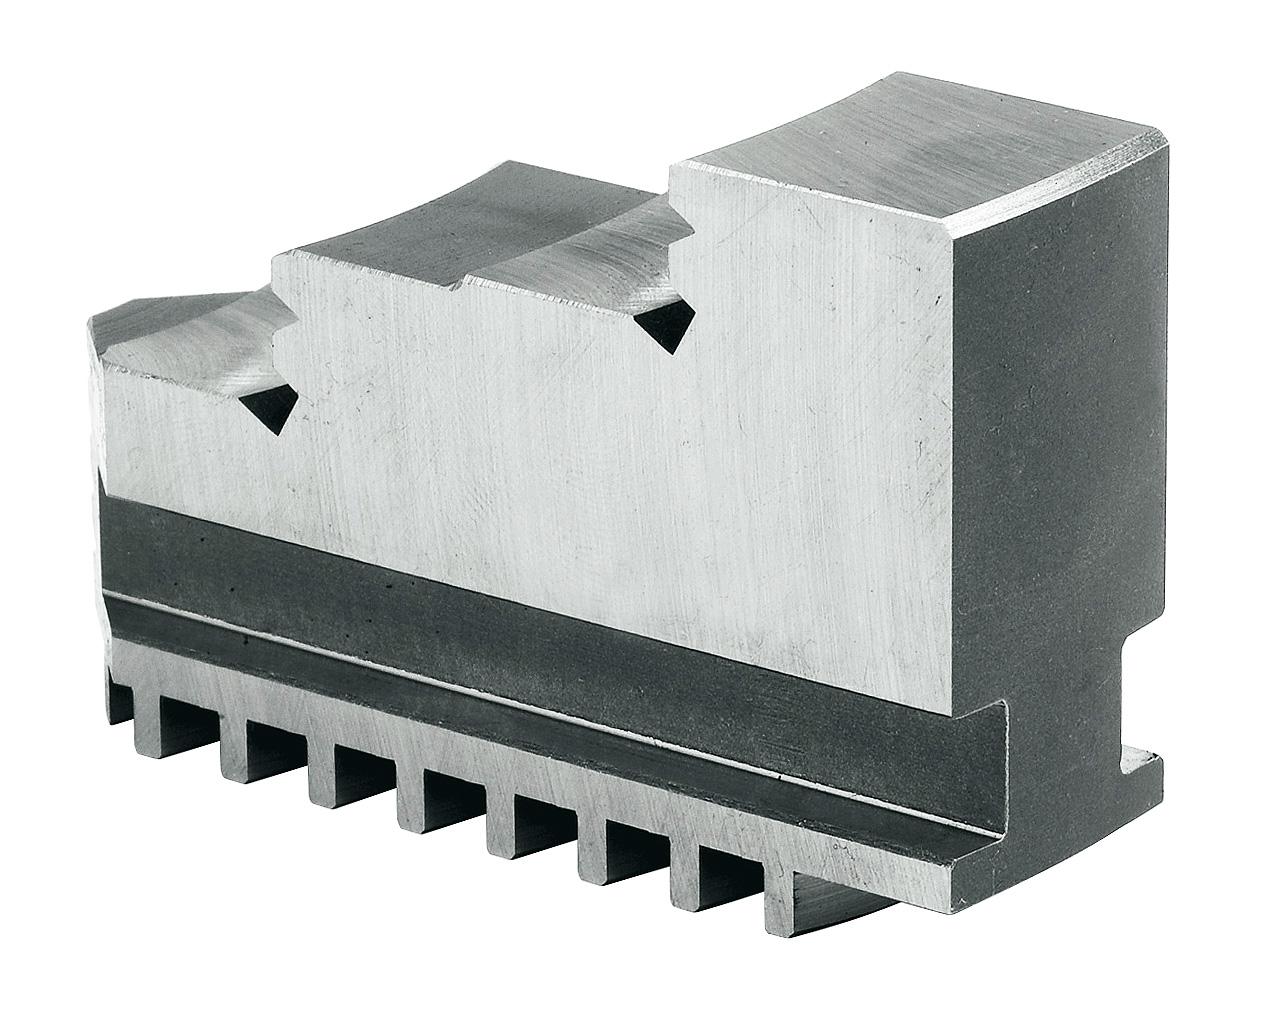 Szczęki jednolite twarde wewnętrzne - komplet DIJ-DK11-160 BERNARDO